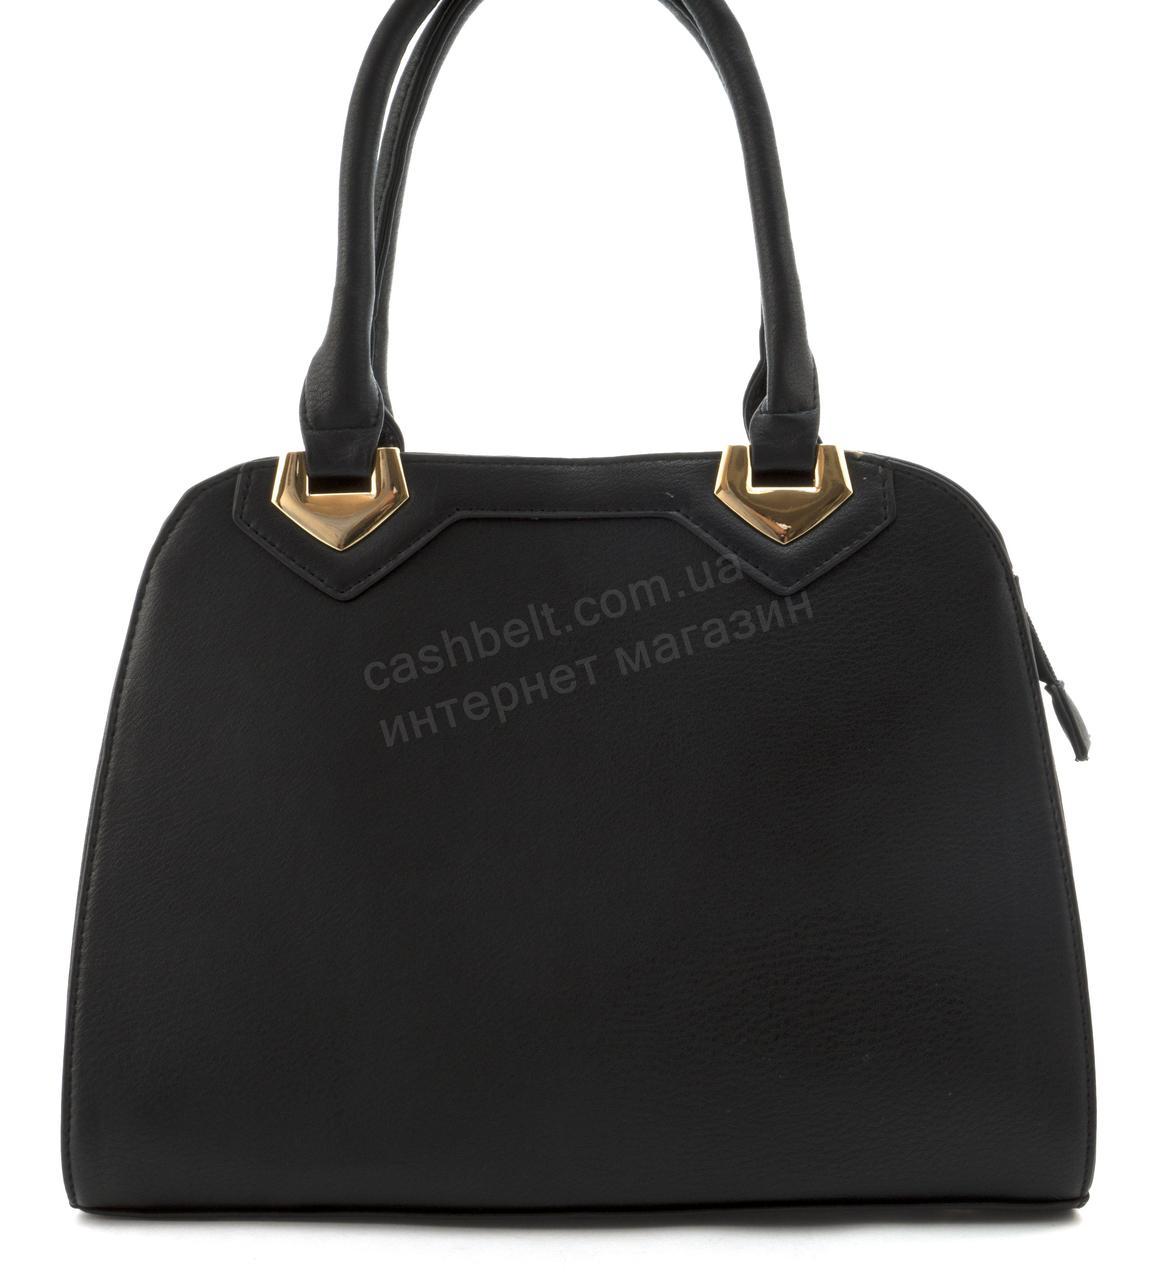 Оригинальная недорогая прочная элегантная женская сумка из эко кожи L&L art. 115 черная